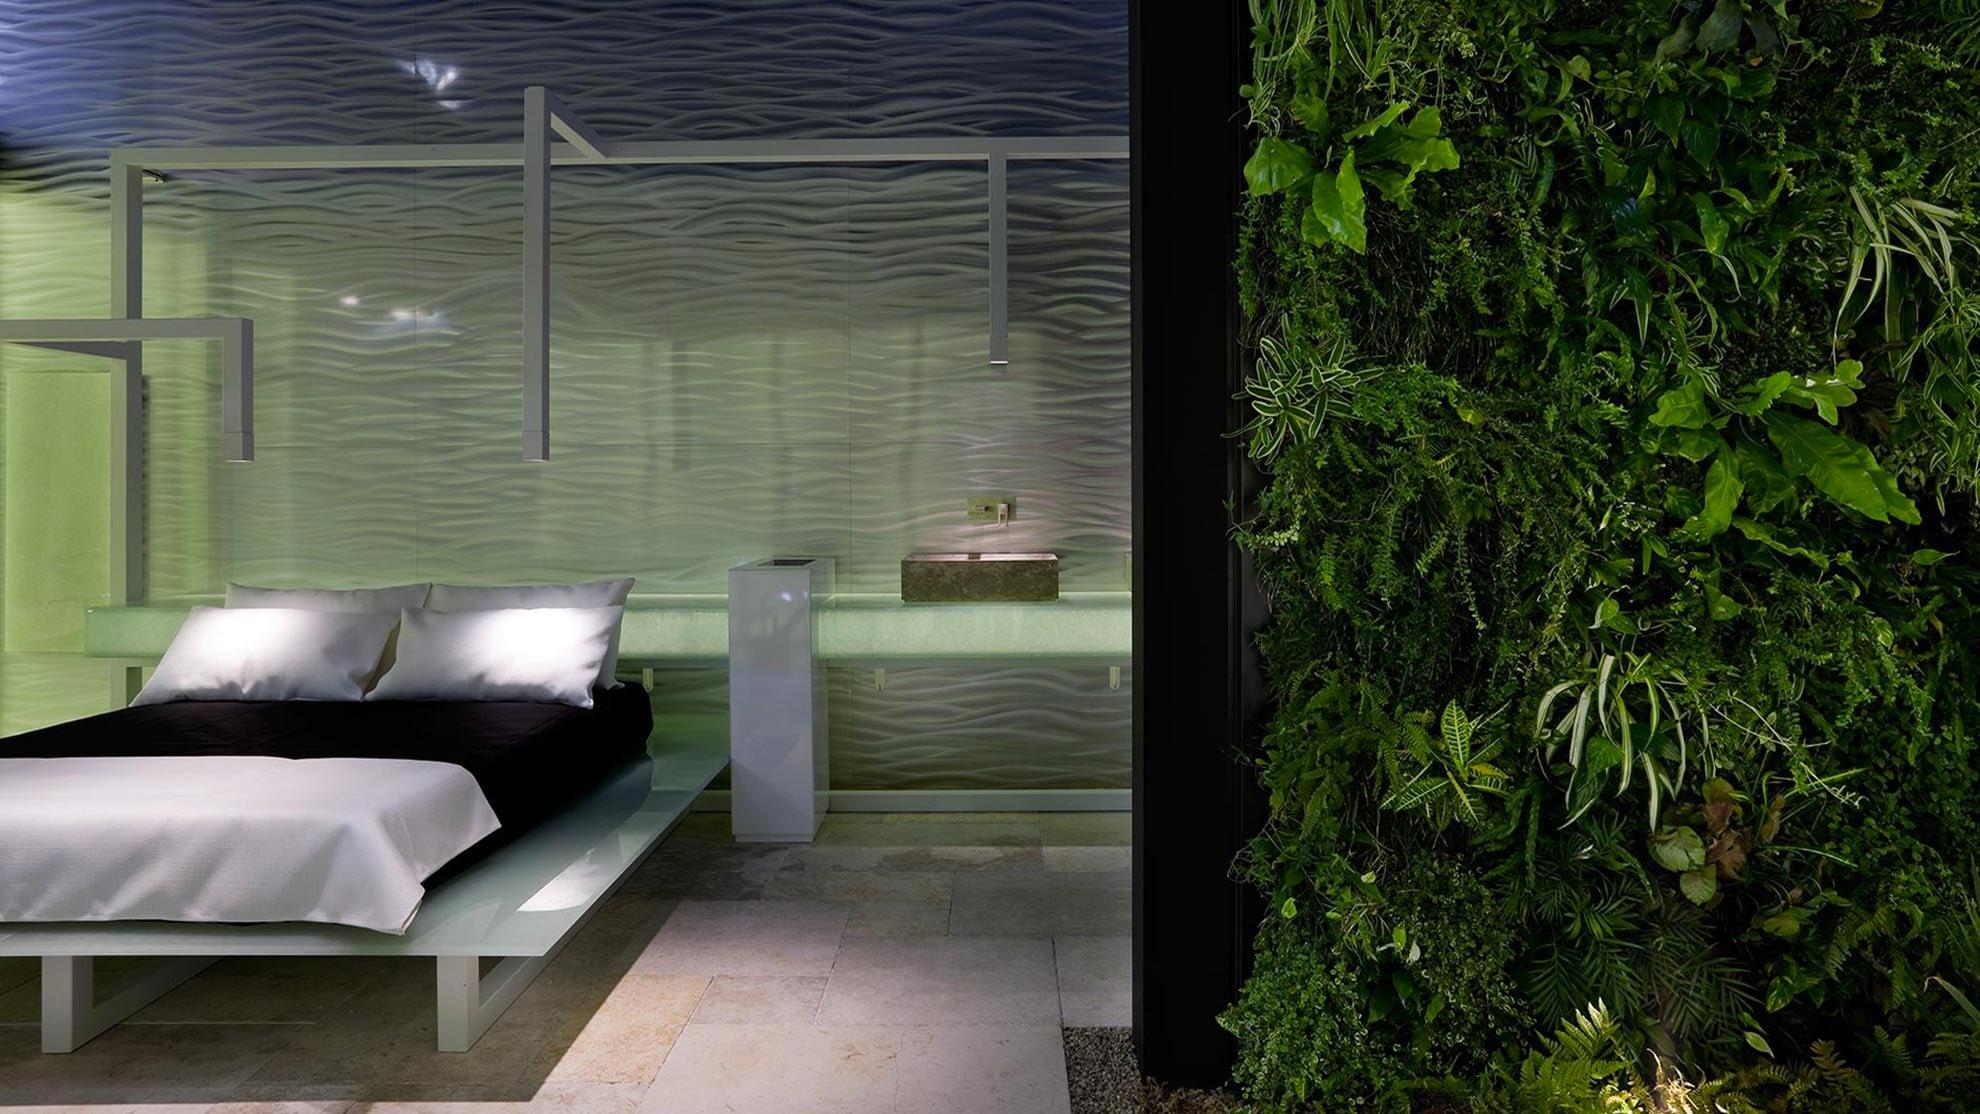 Esempi lavori per giardini verticali interni i progetti di planeta srl - Giardini verticali interni ...